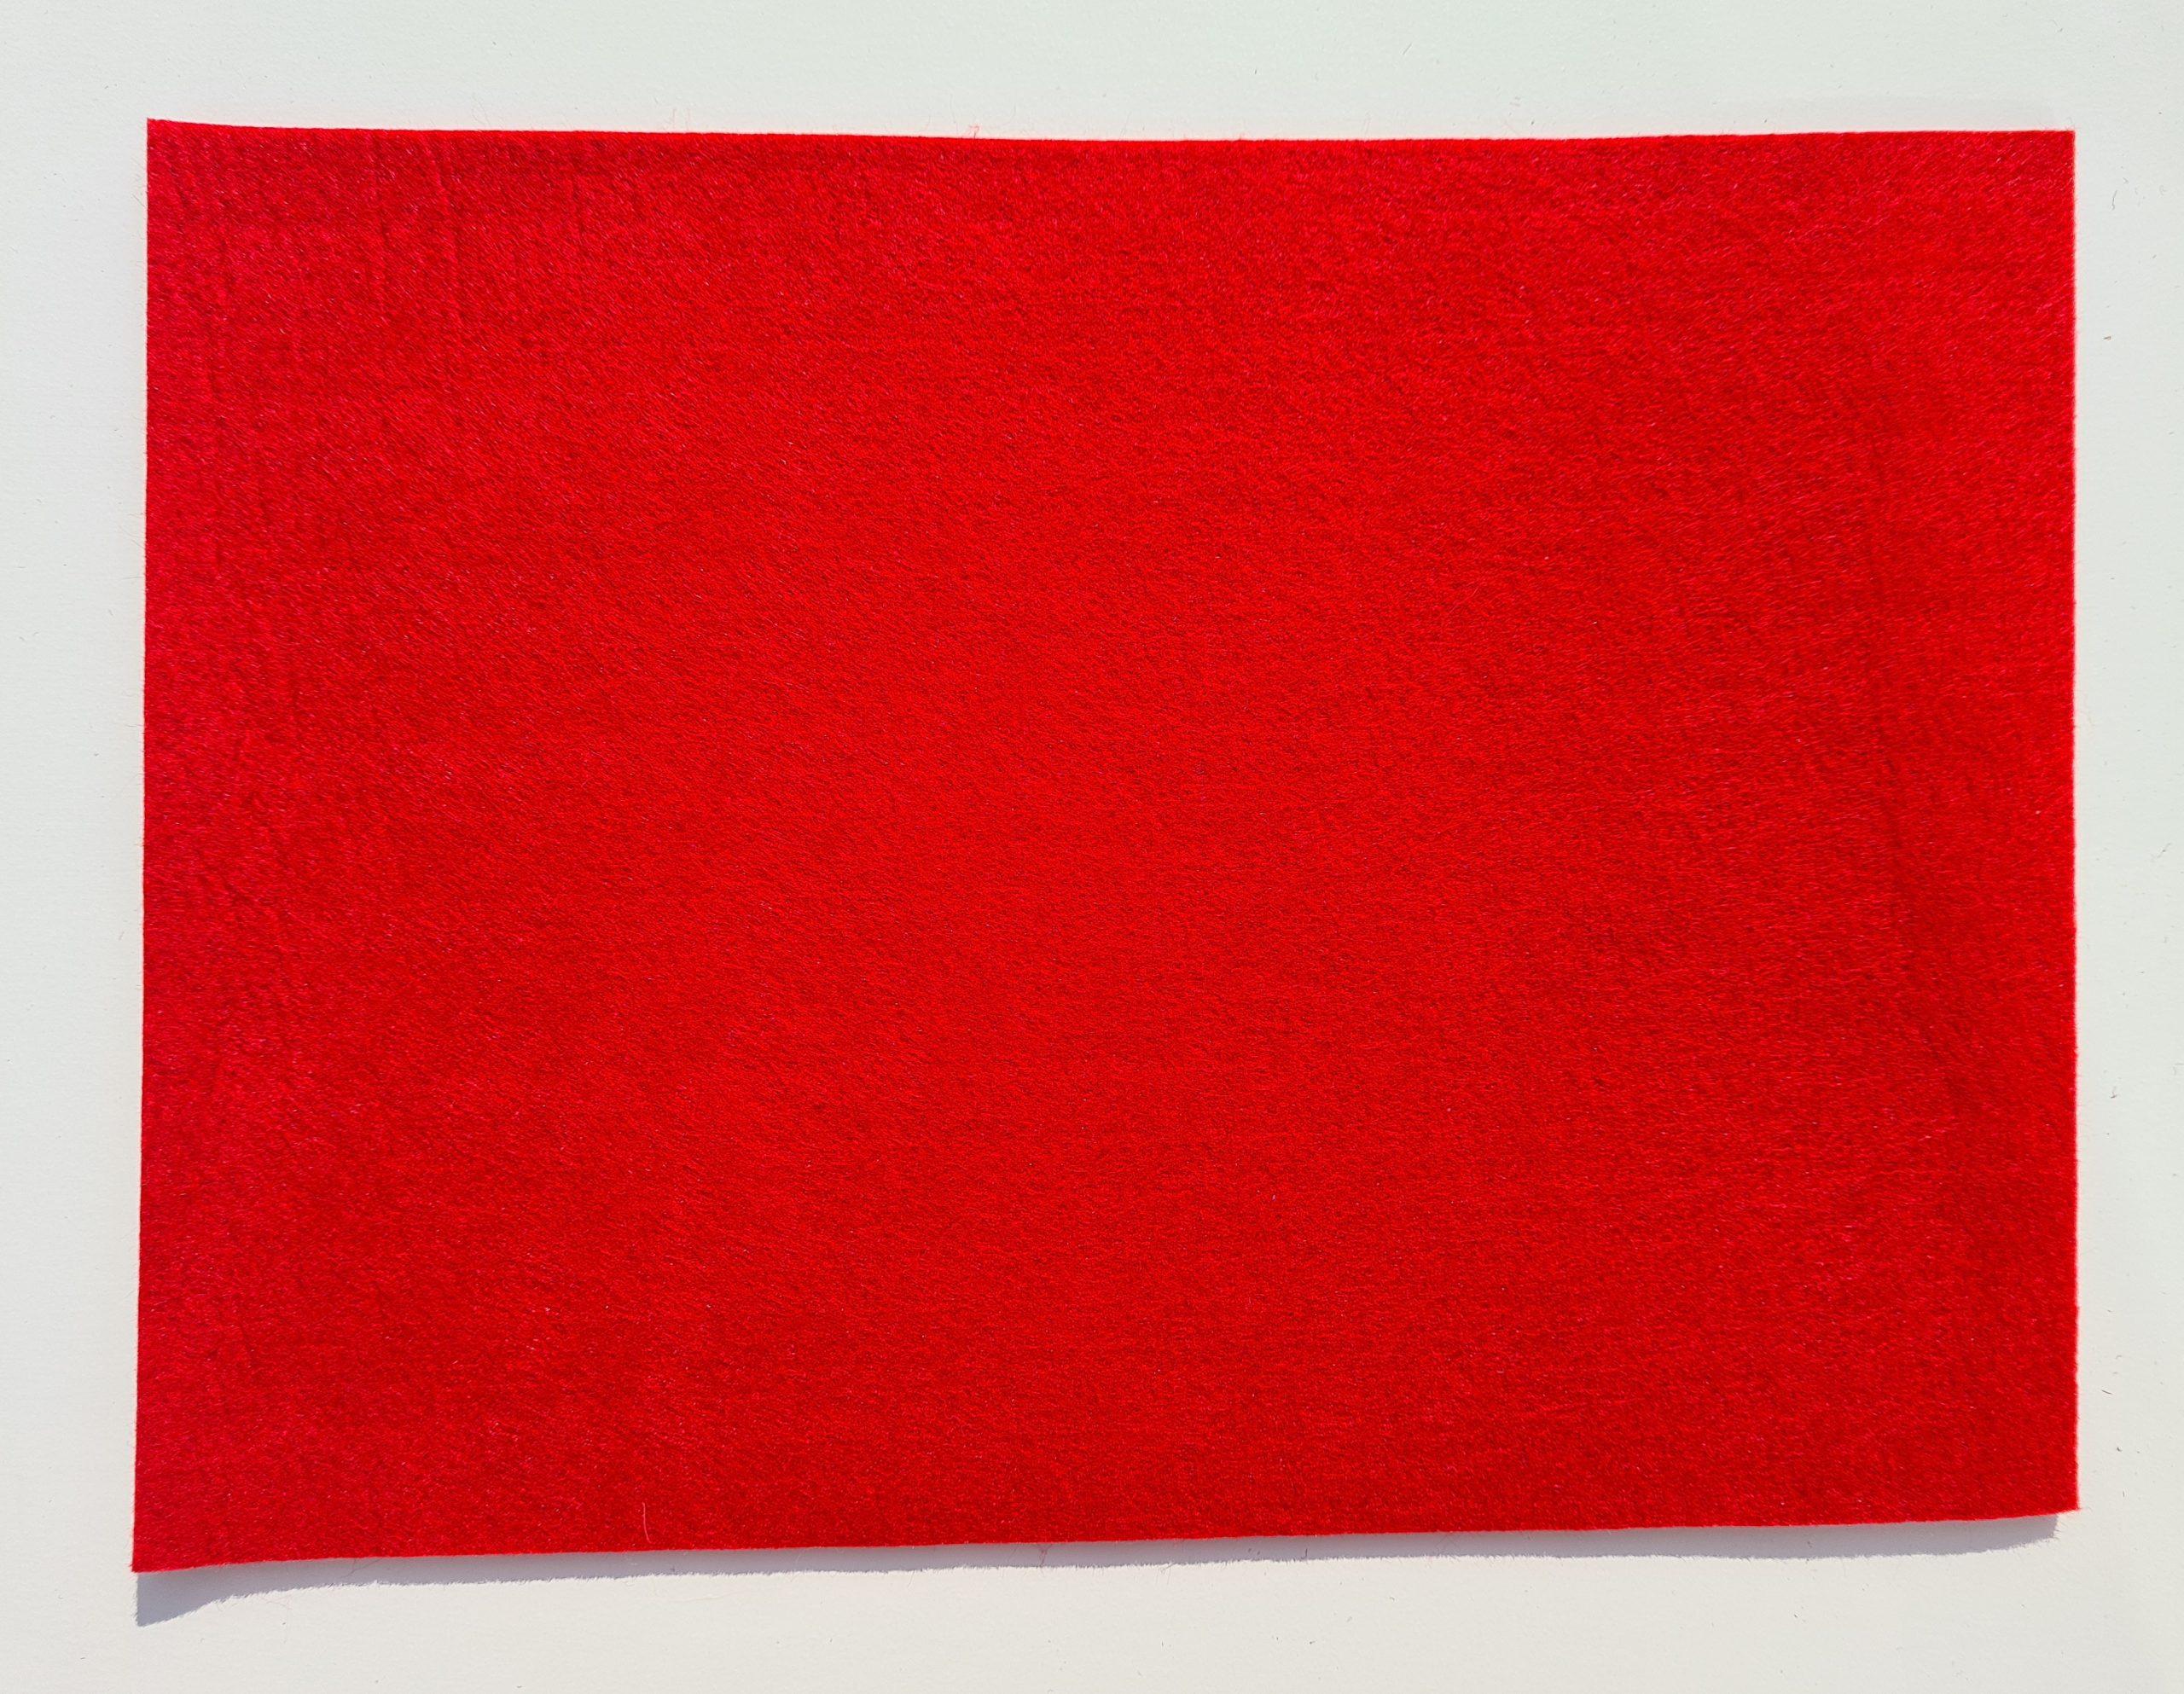 Roter Filz-Untersetzter quadratisch - Handgemachte individualisierbare Taschen, Körbe, Tischsets, Dekoartikel und mehr auf fideko.de der Onlineshop seit 2011